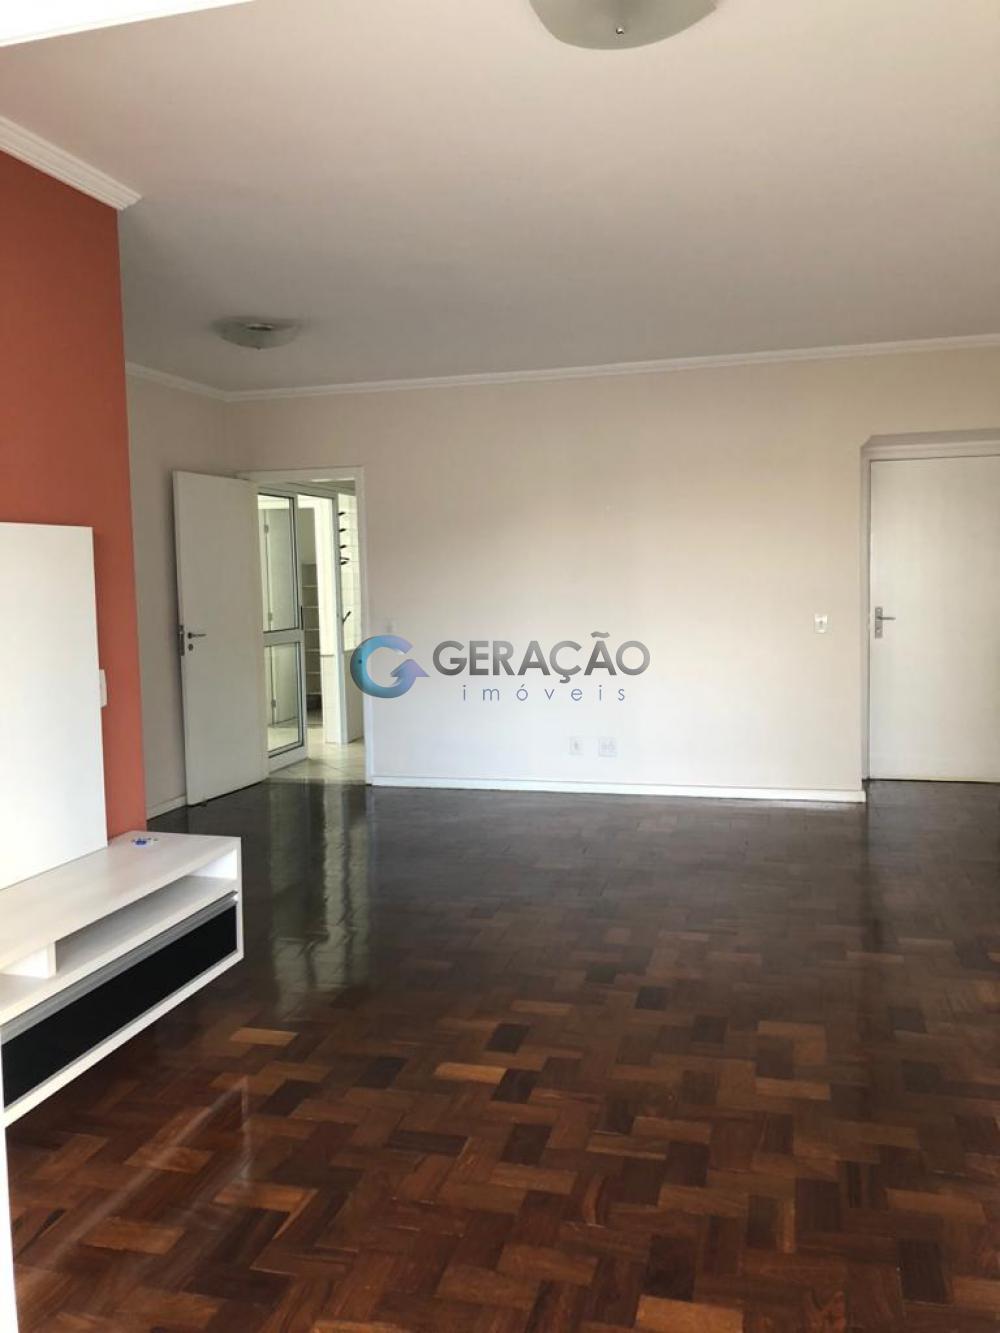 Comprar Apartamento / Padrão em São José dos Campos R$ 480.000,00 - Foto 3